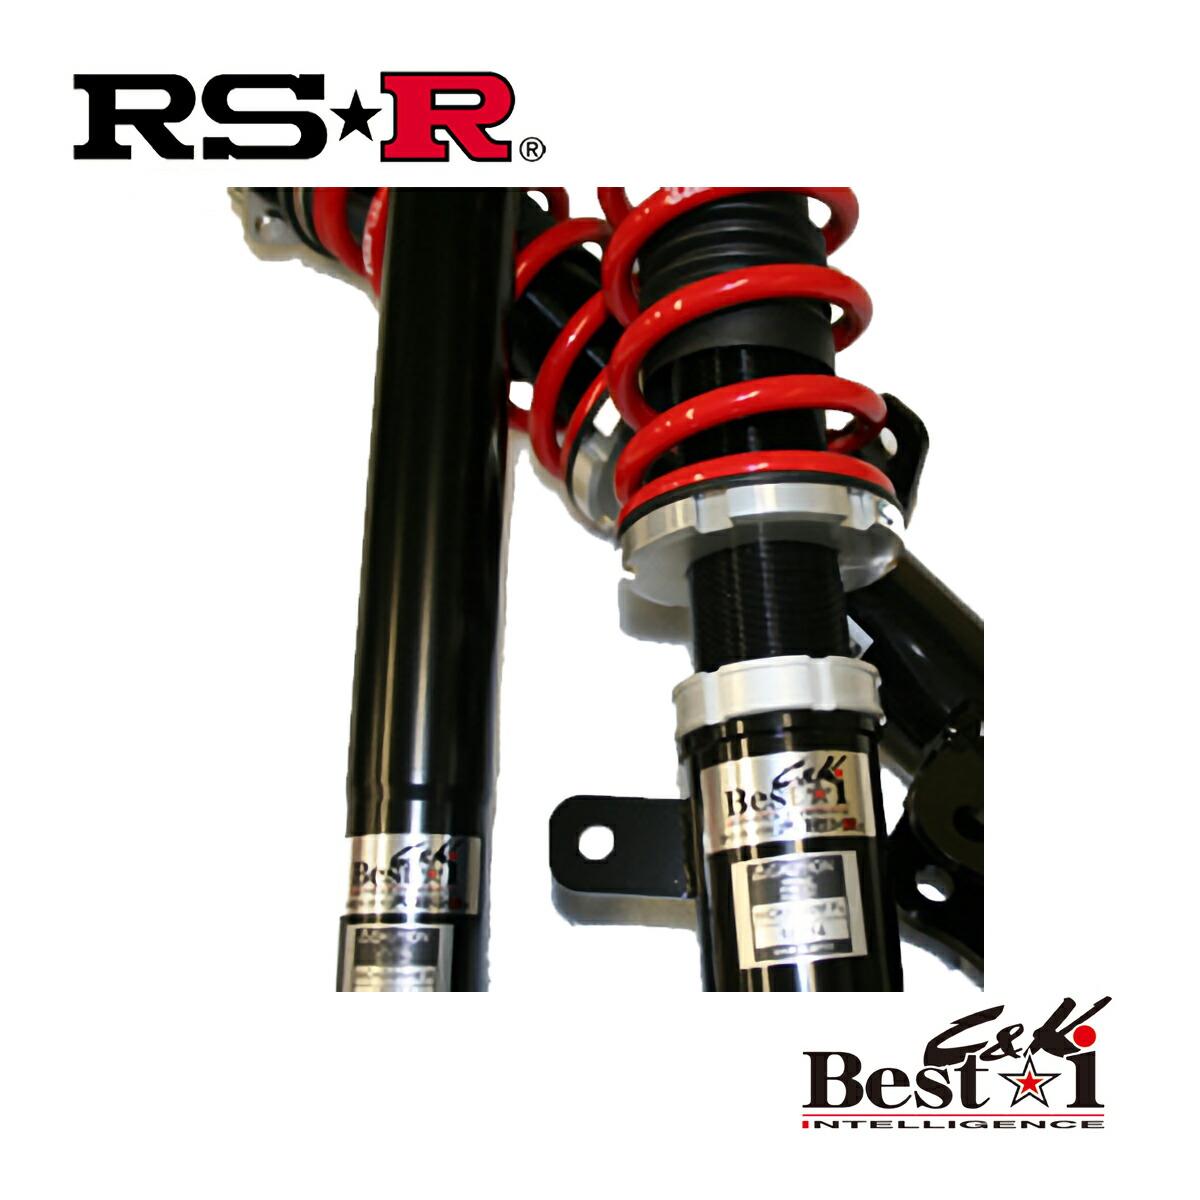 RS-R ヴィッツ F スマートストップパッケージ NSP130 車高調 リア車高調整 ネジ式 BICKT345M ベストi C&K RSR 条件付き送料無料